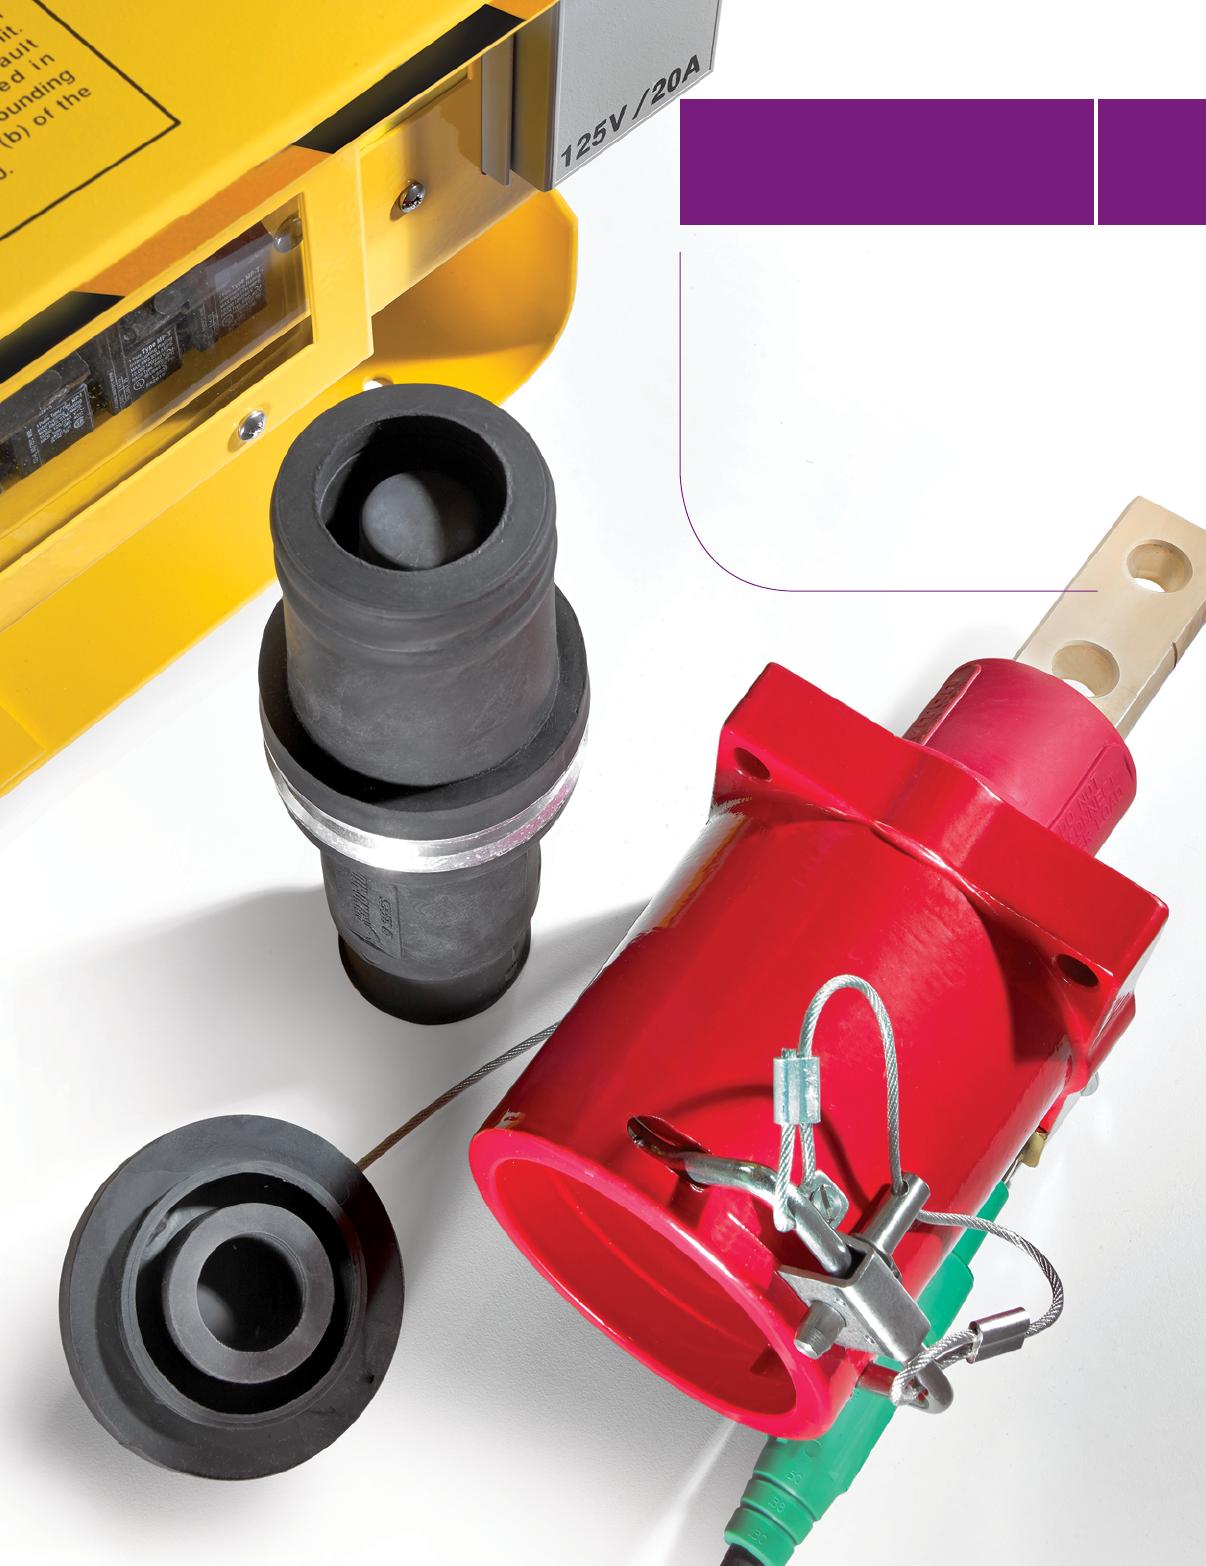 Instalacje elektryczne Gniazda elektryczne i wtyczki New Leviton Green Cam Plug Panel Receptacle 16 Series Threaded Stud 400A 16R25-G